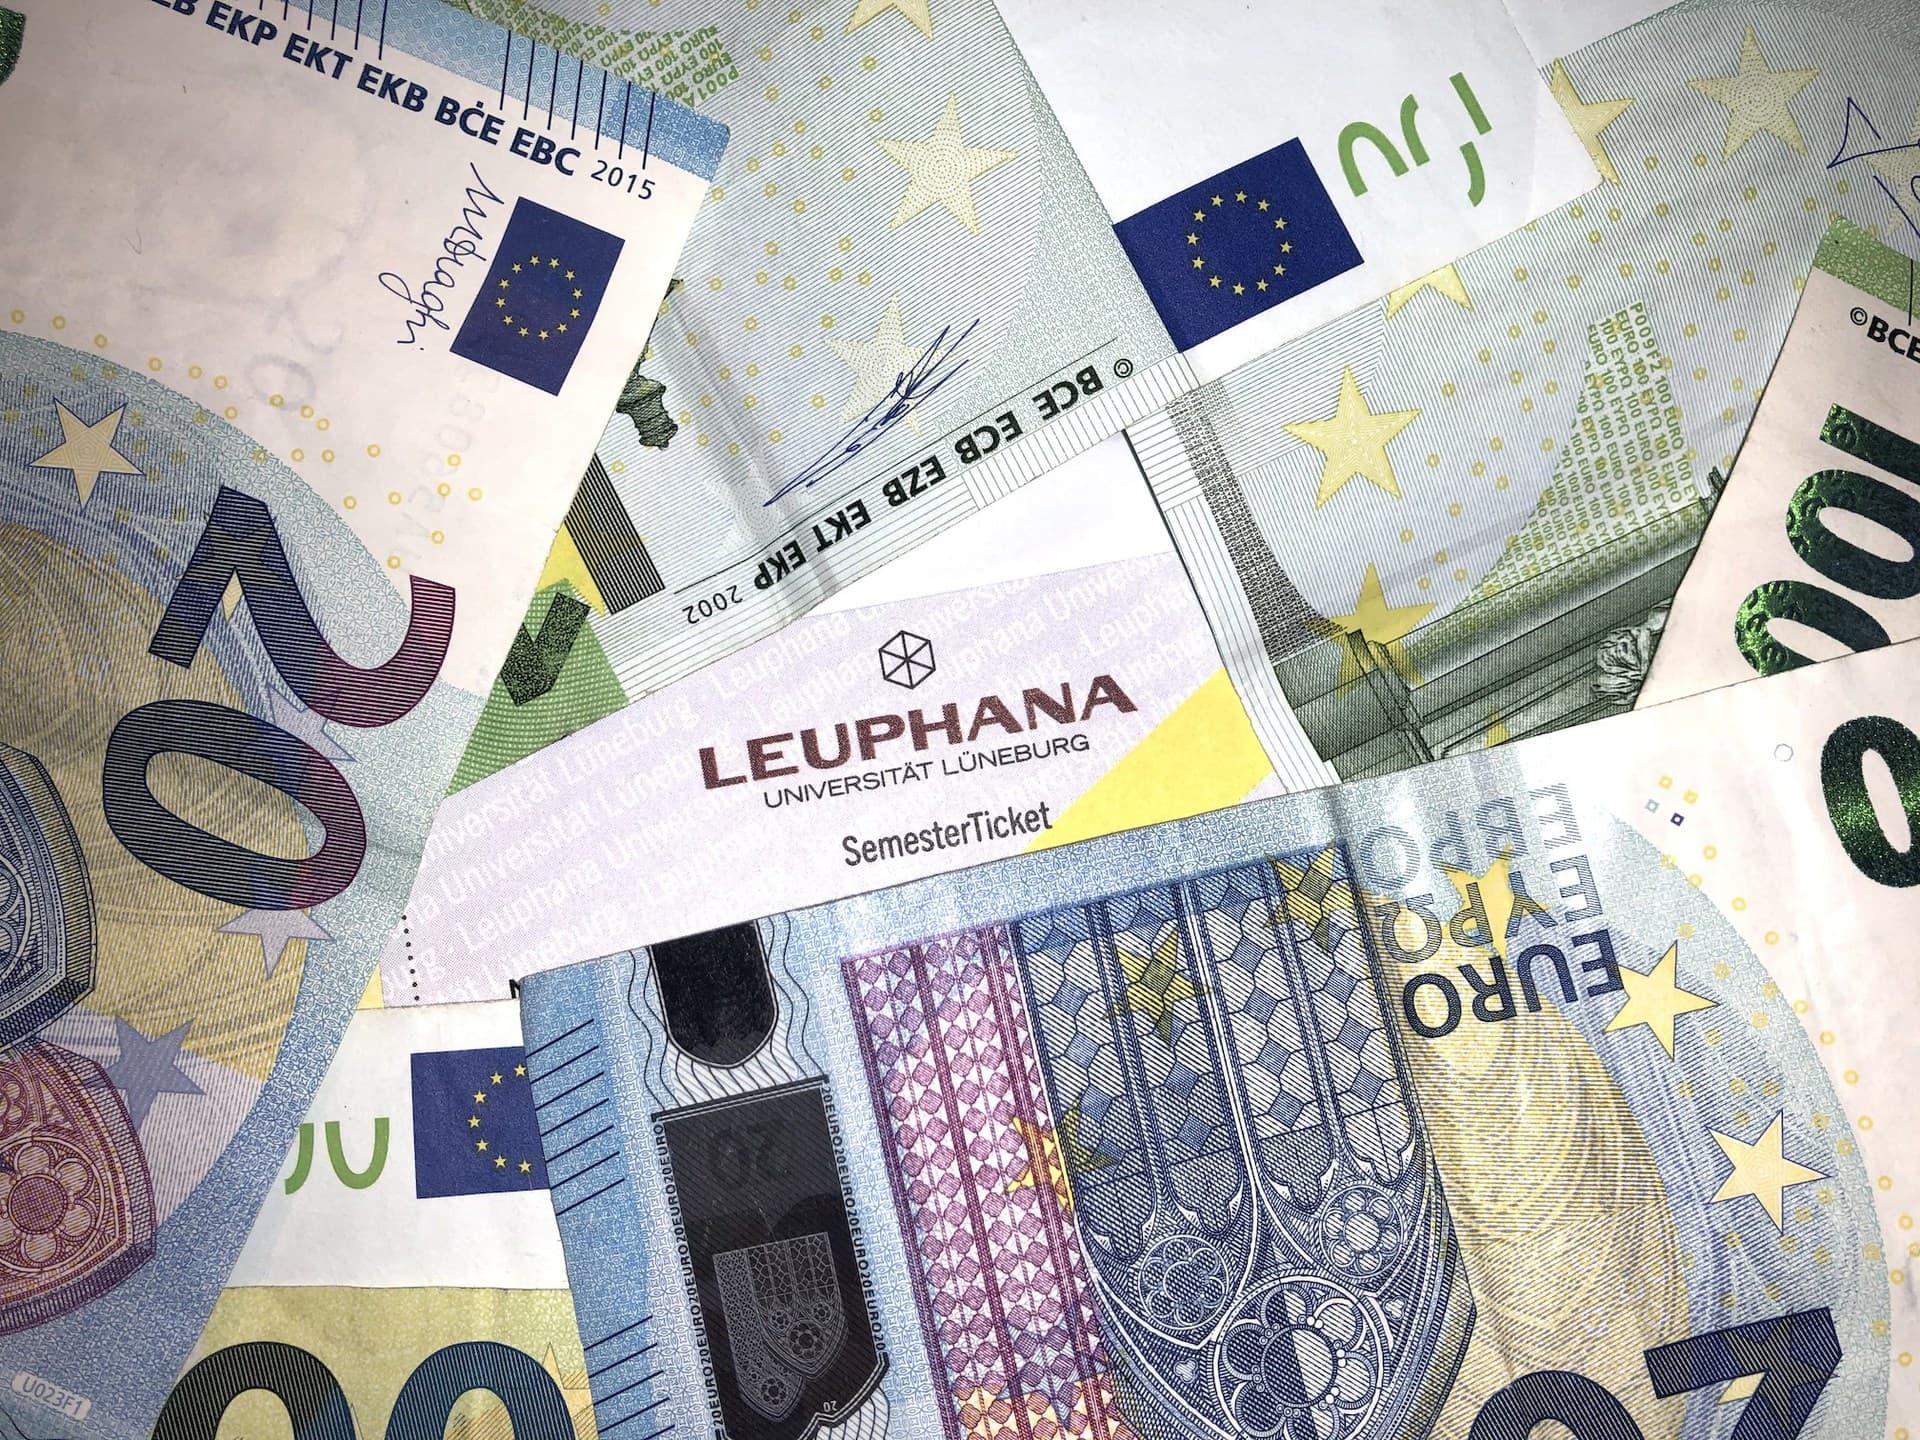 Semesterticket mit viel Geld - (c) Christopher Bohlens